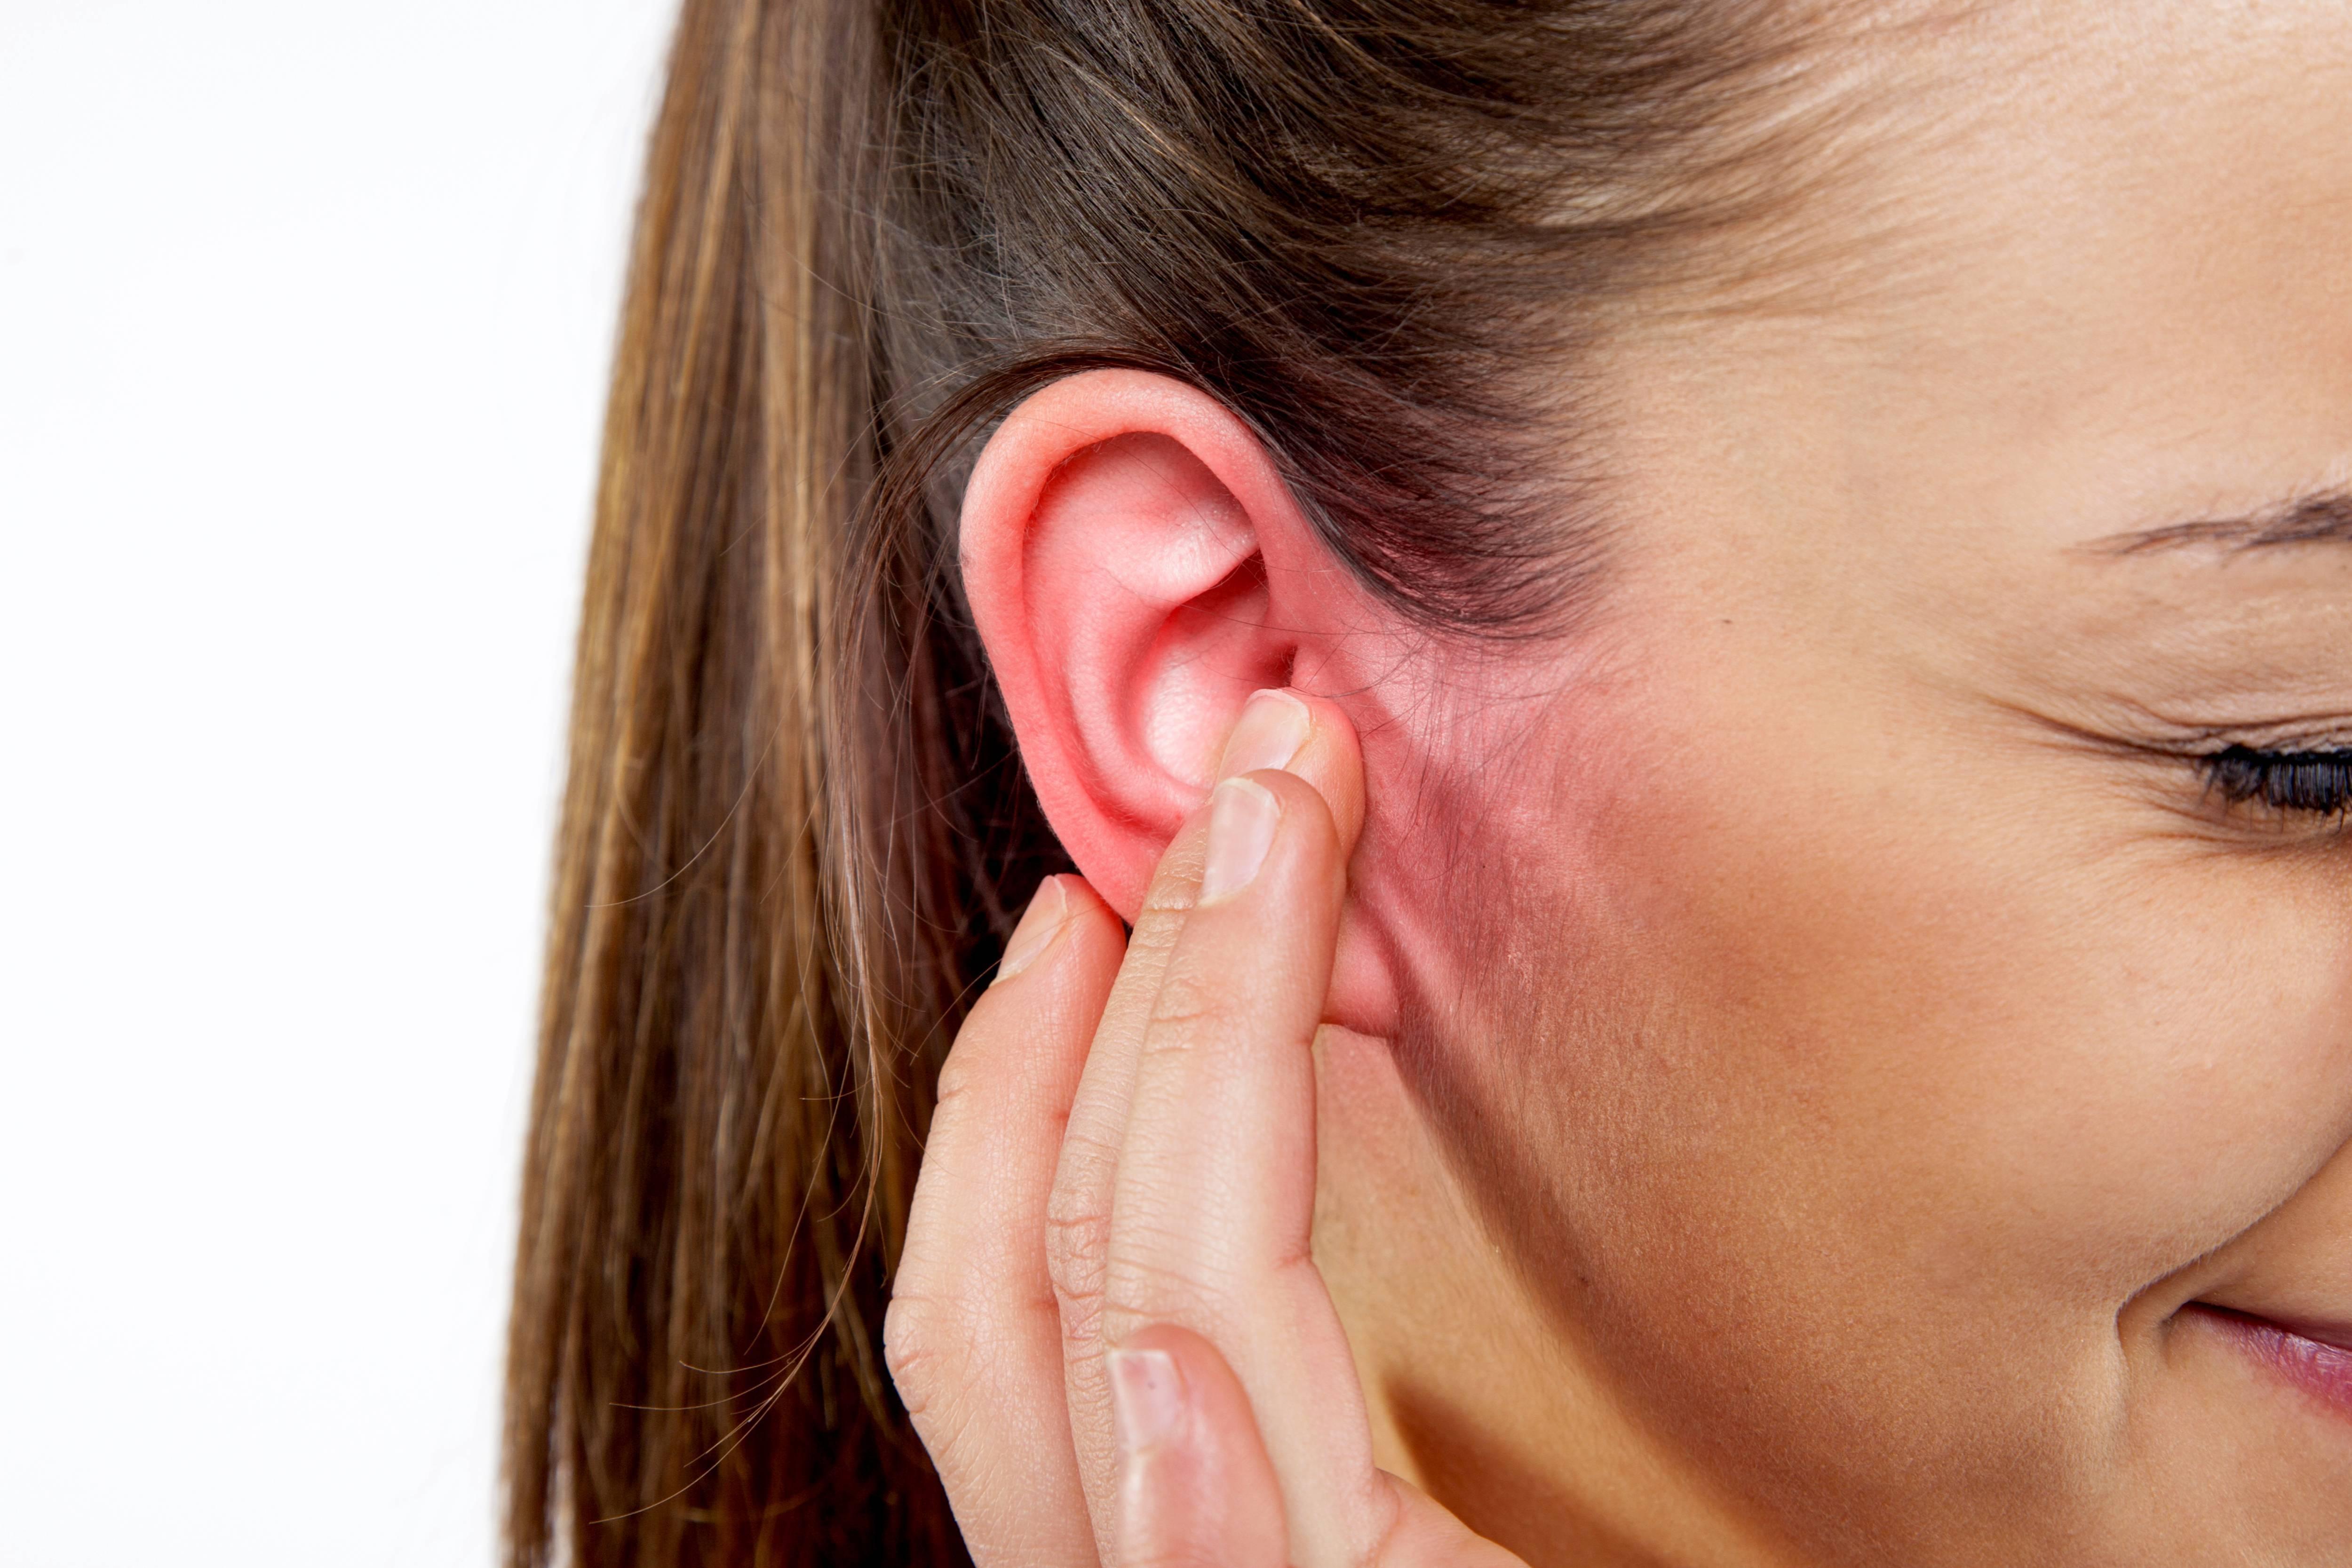 воняет за ушами